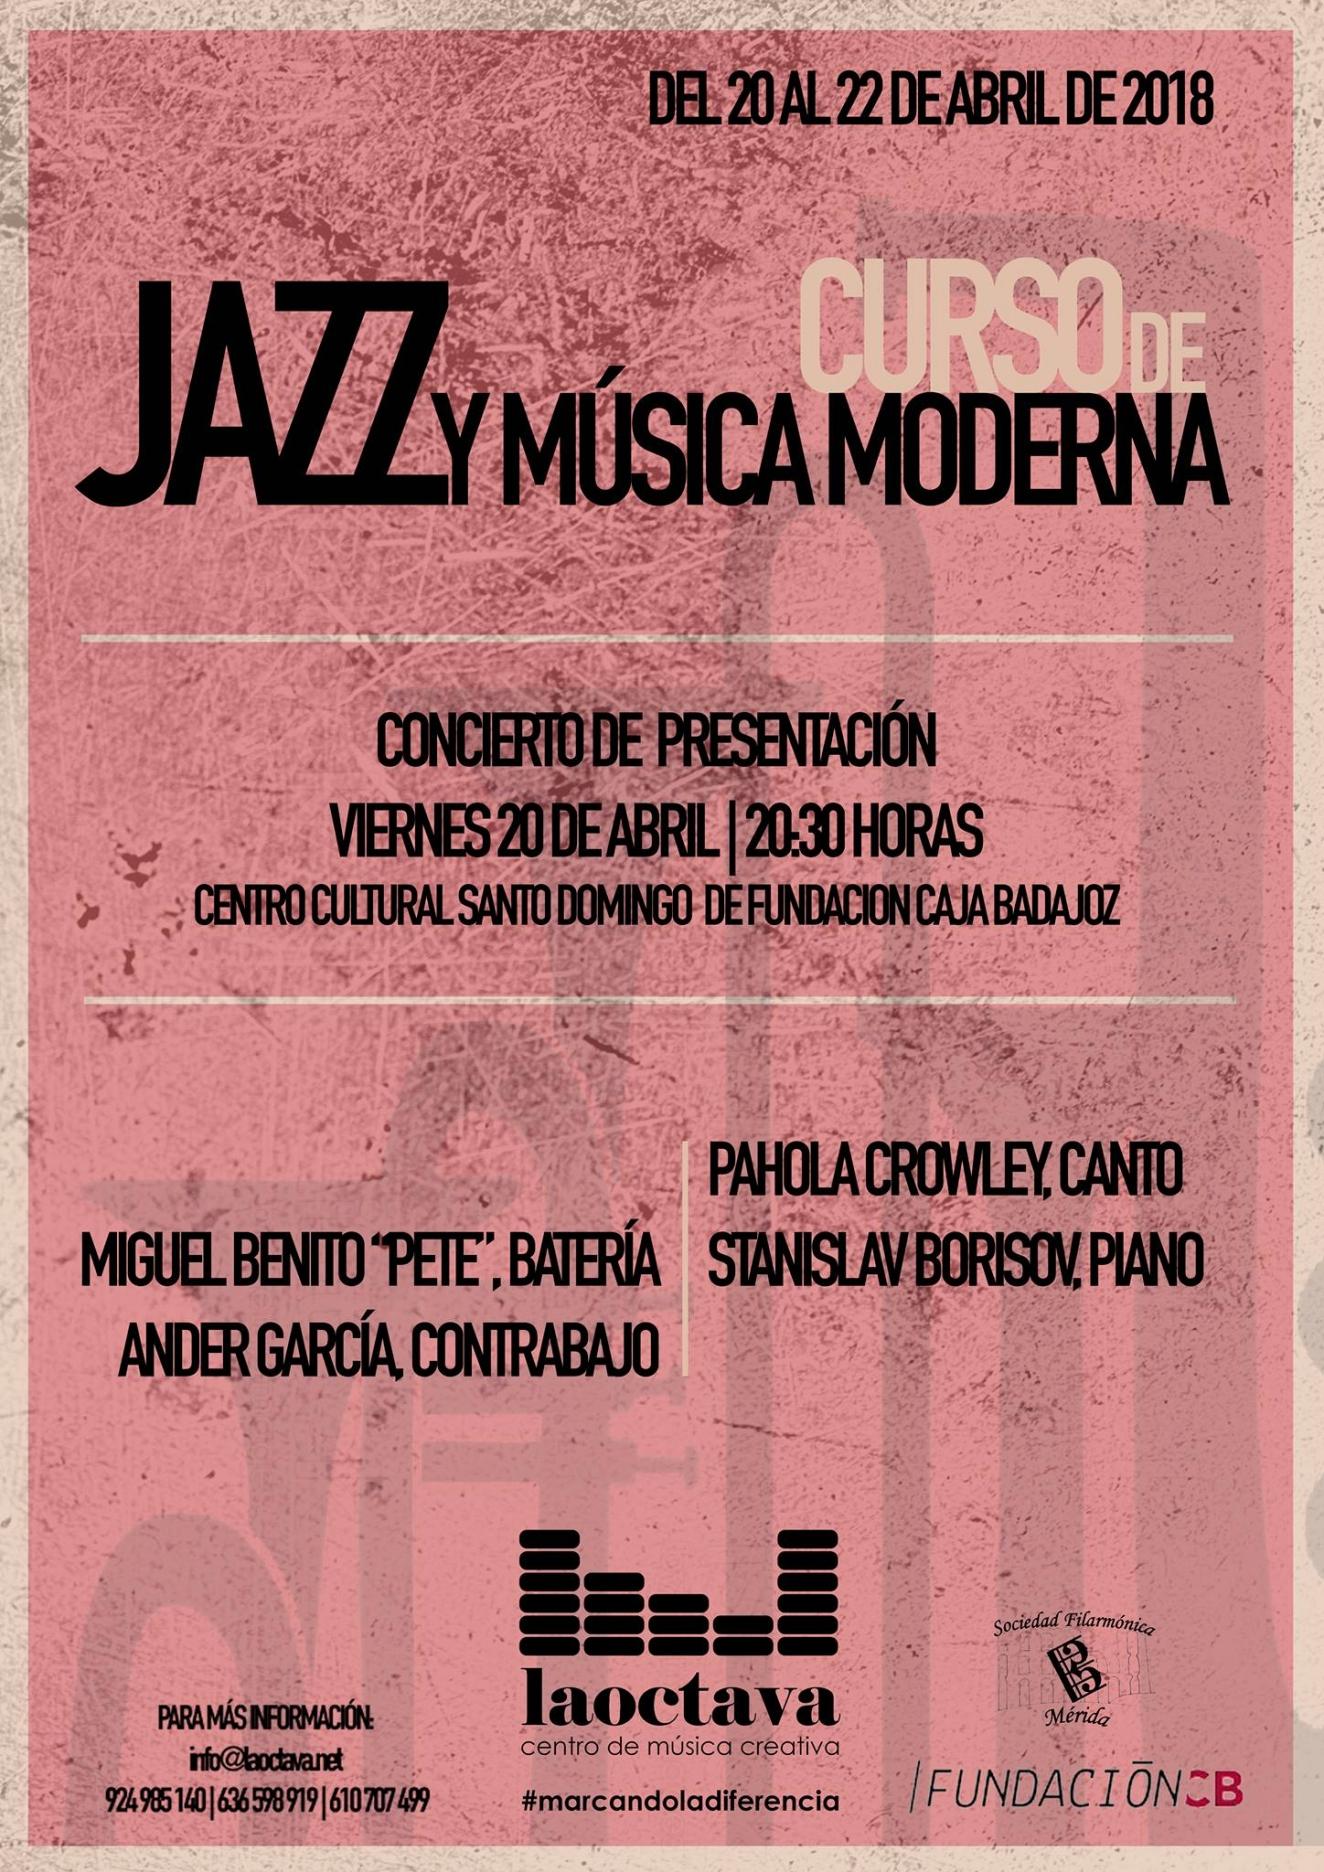 Concierto de presentación Curso de Jazz y Música Moderna